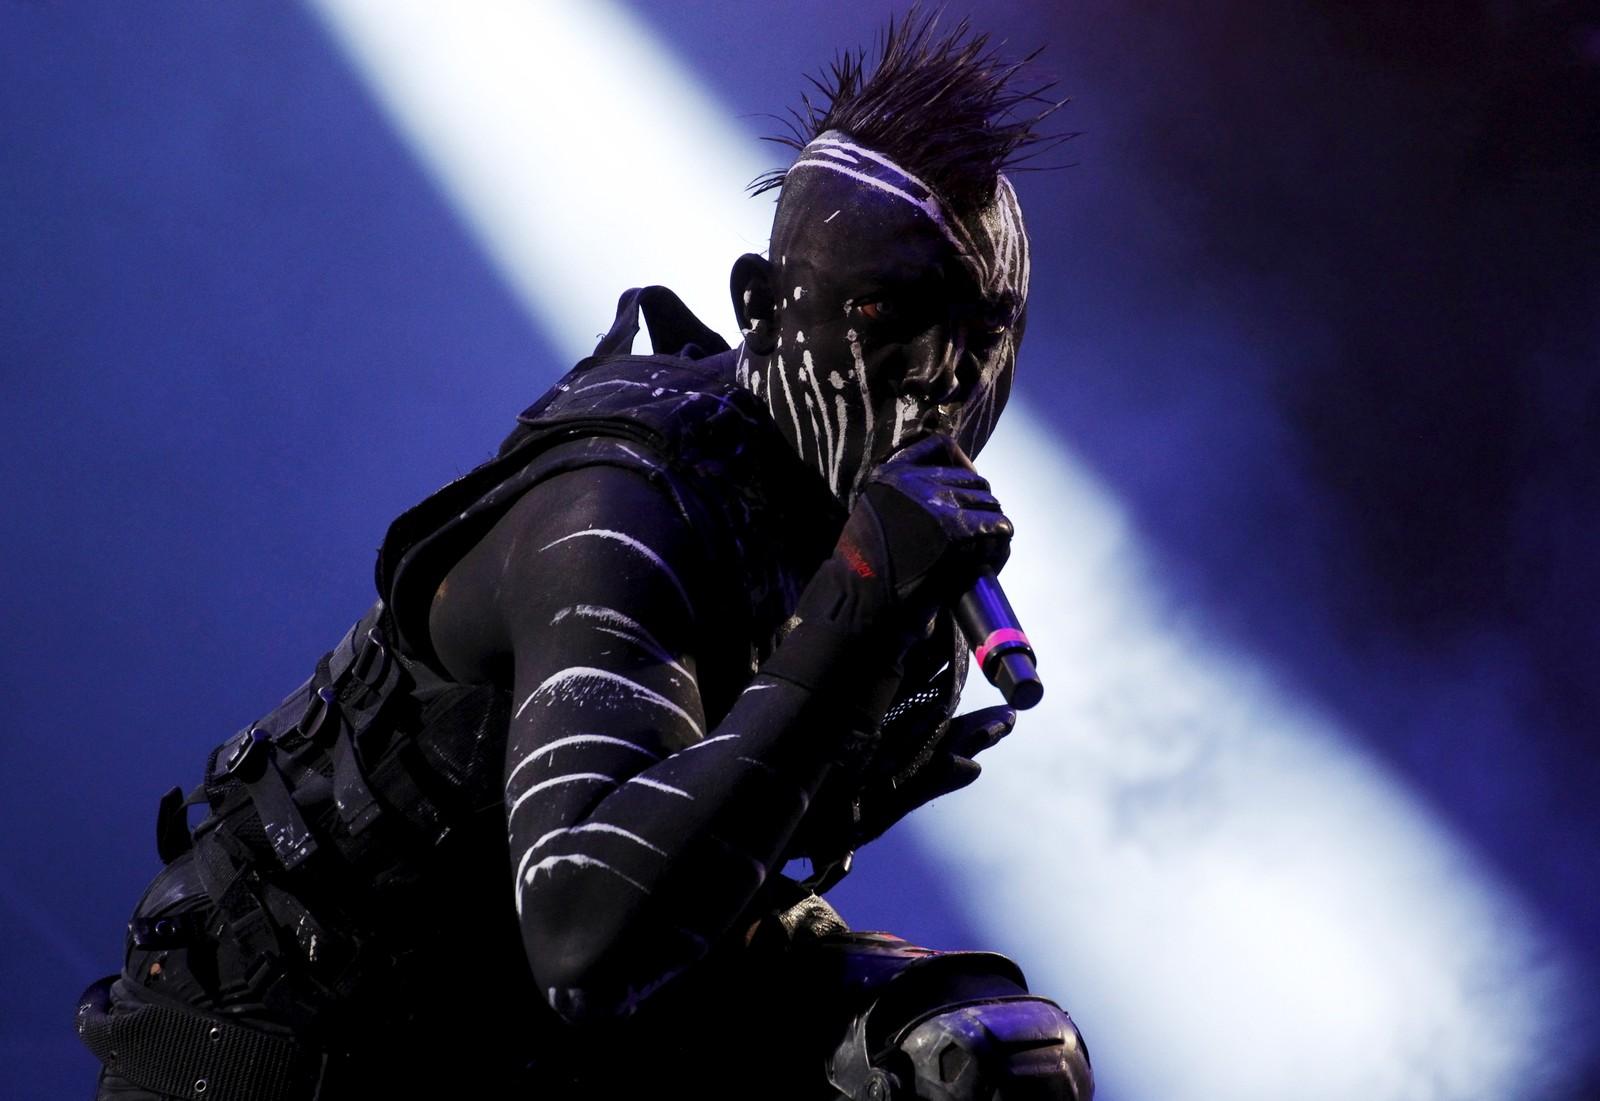 """Vokalisten Zero i det kolombianske industrimetall-bandet """"Koyi K Utho"""" opptrer under festivalen """"Rock al Parque"""" i hovedstaden Bogota. Rundt 420.000 mennesker besøkte den tre dager lange festivalen."""